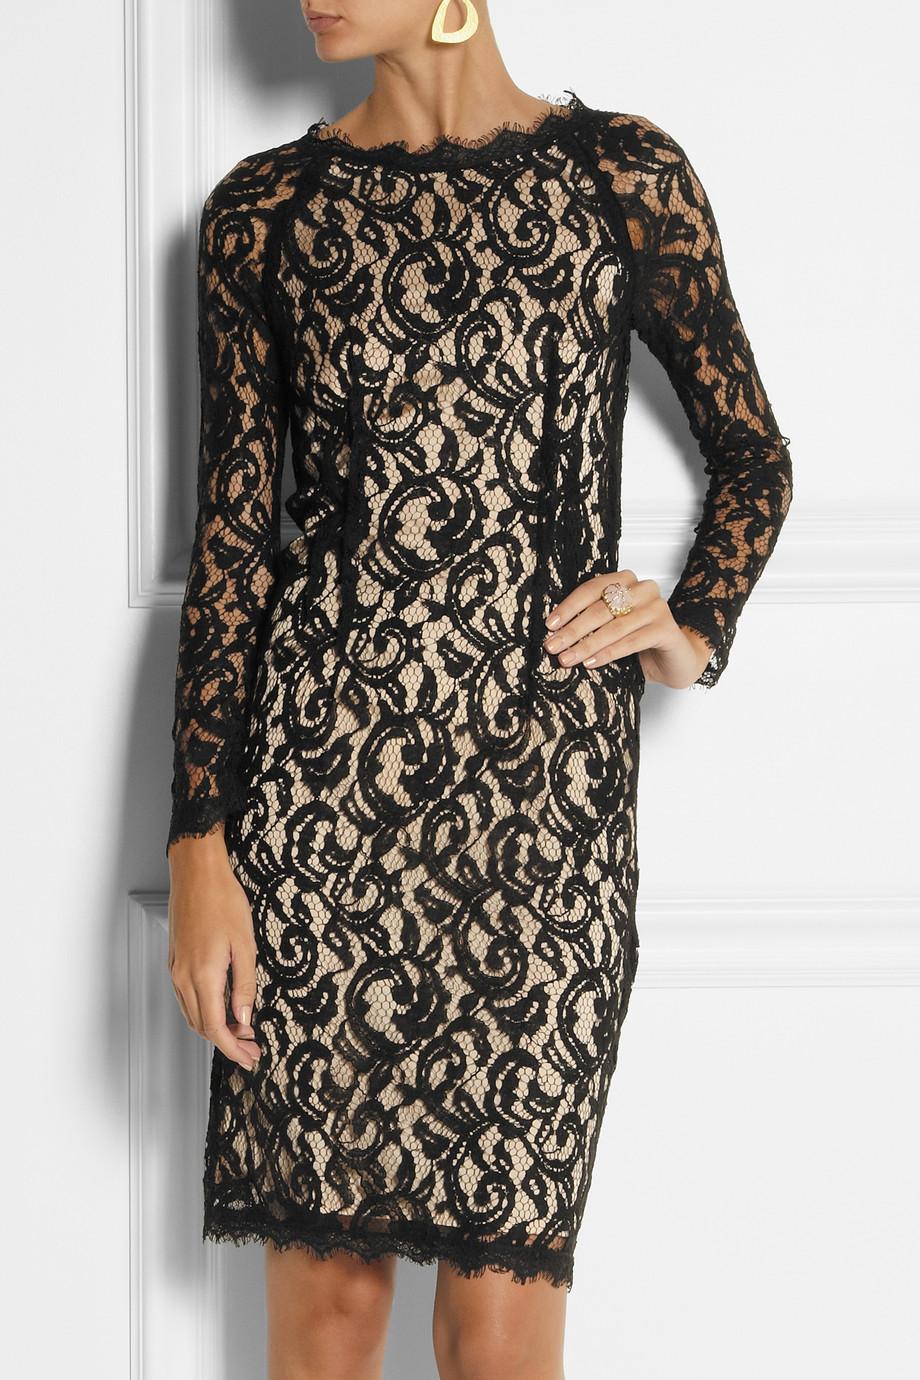 Day Birger Et Mikkelsen Lace Dress In Black Lyst